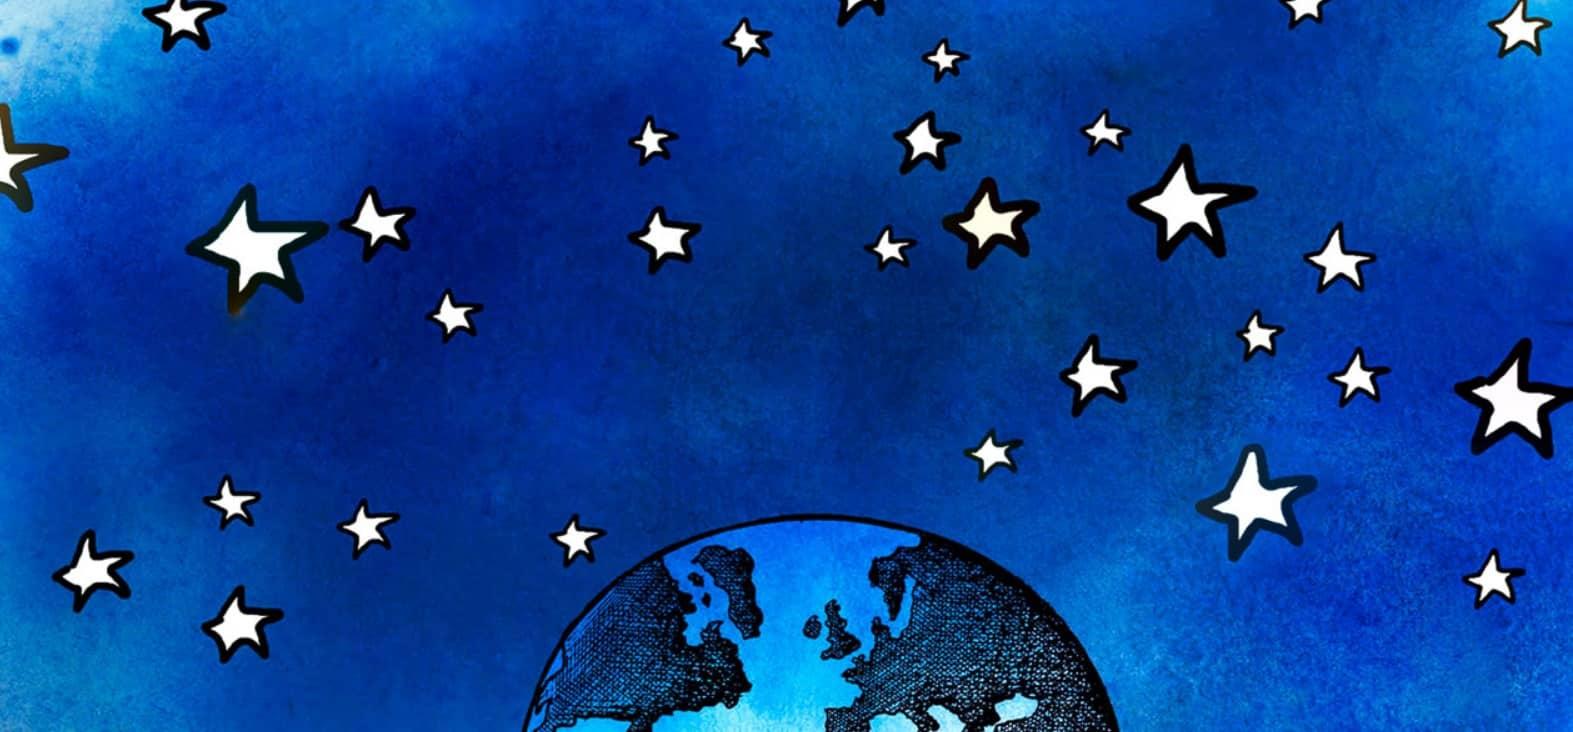 AFA - Nuit des étoiles 2021